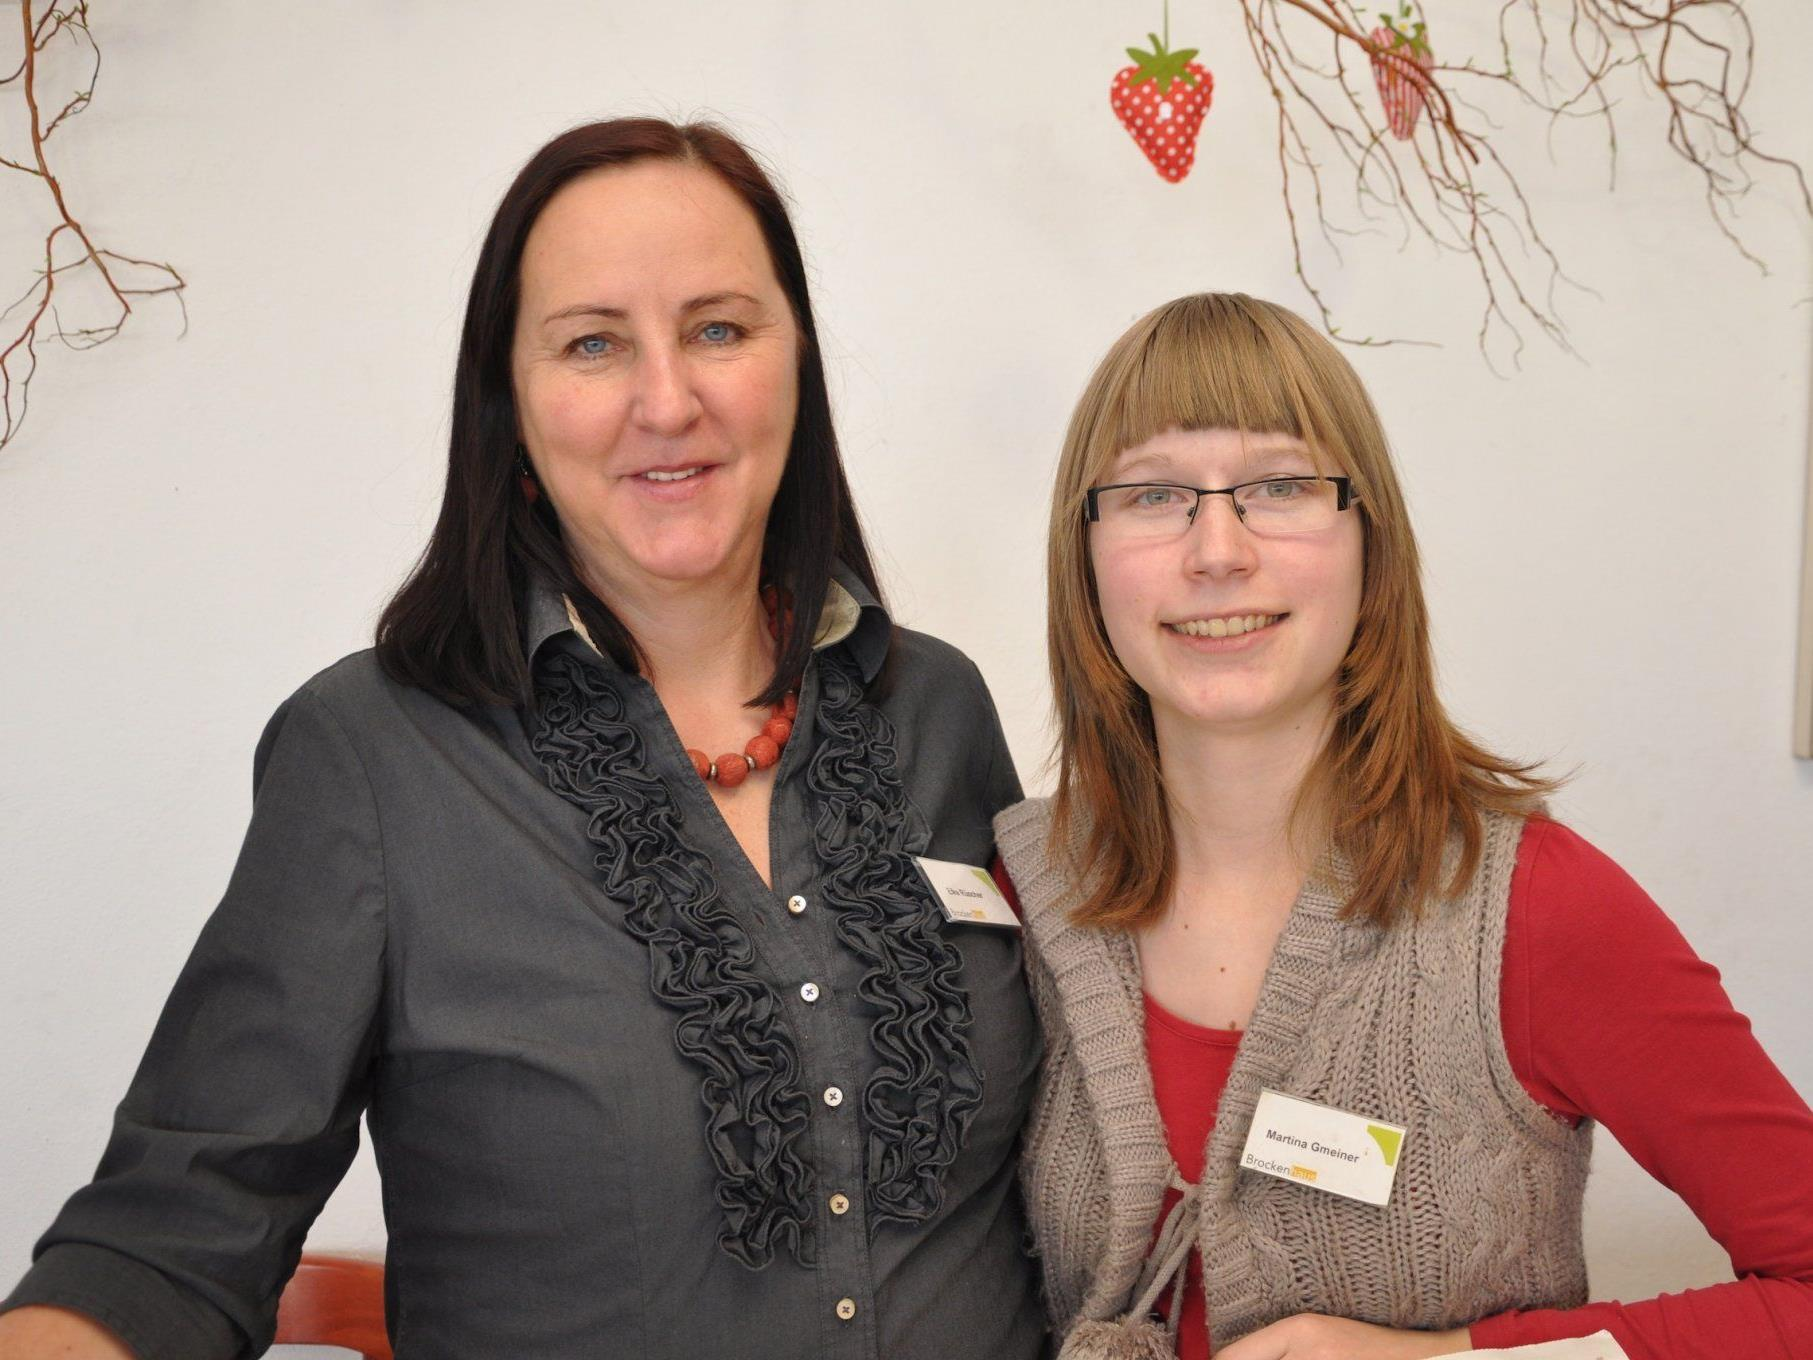 Elke (l.) und Martina bei der Osterausstellung im Brockenhaus Leiblachtal.